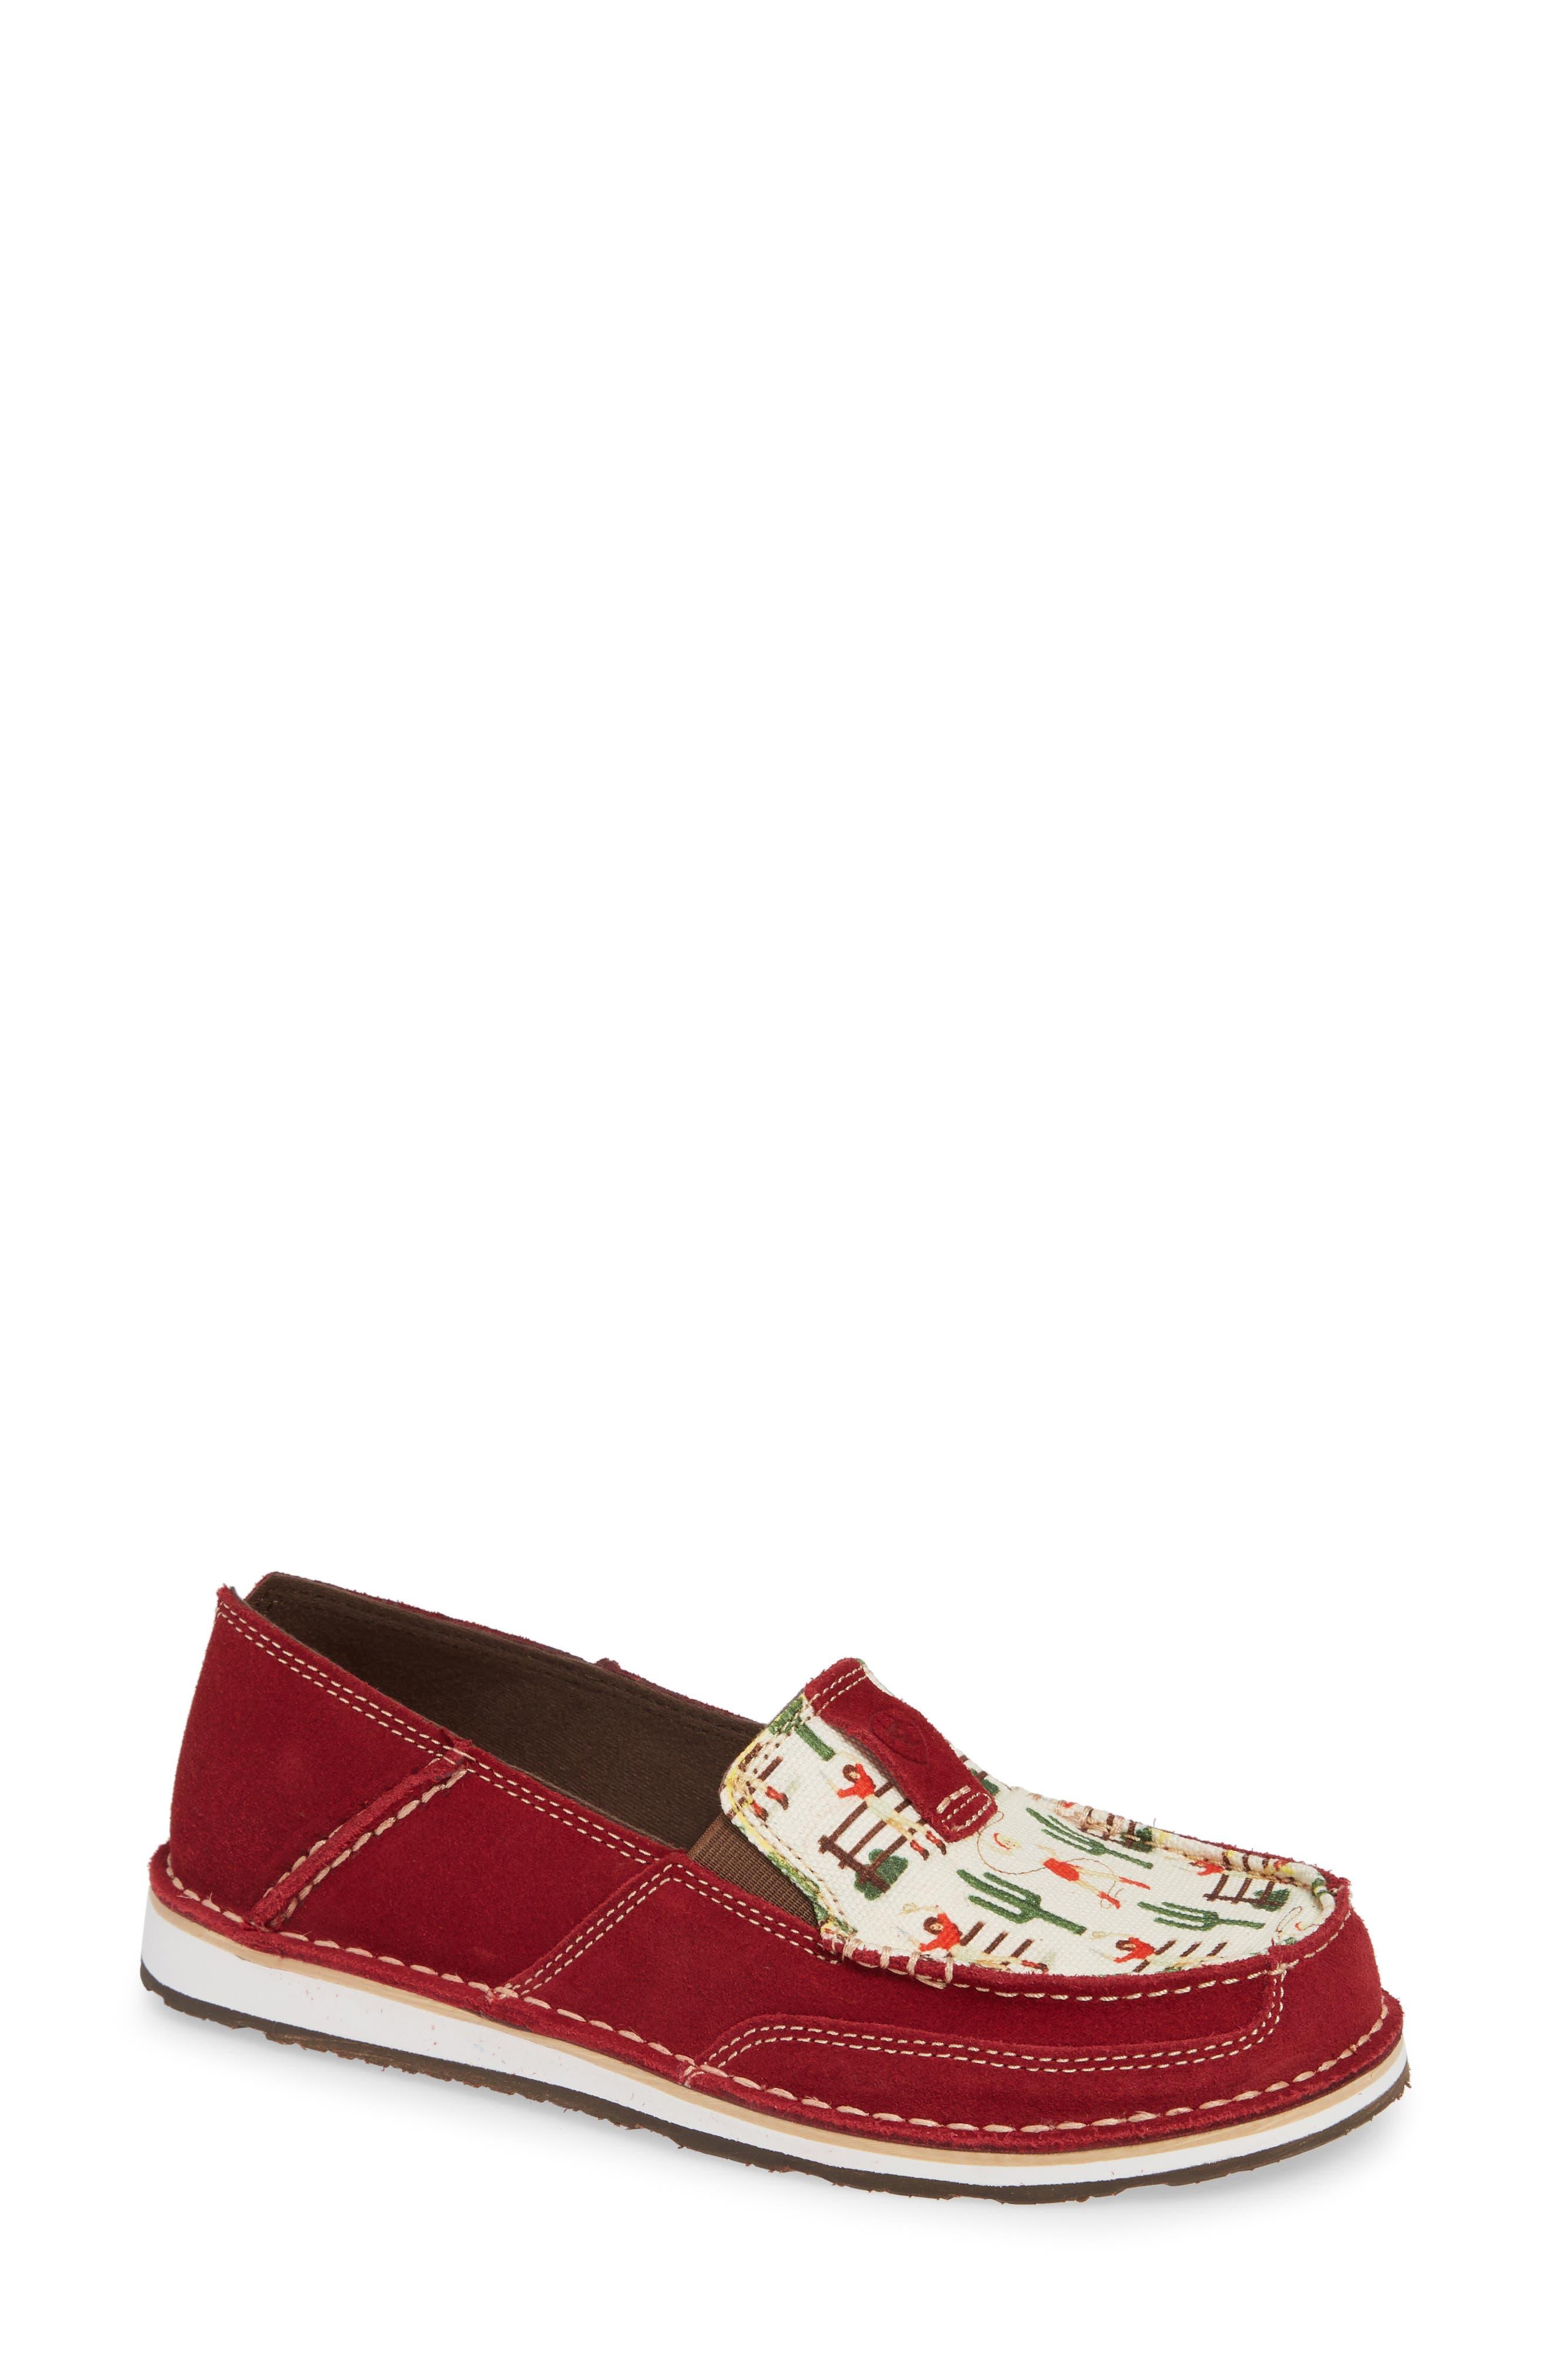 Cruiser Slip-On Loafer,                         Main,                         color, CRANBERRY VINTAGE LEATHER